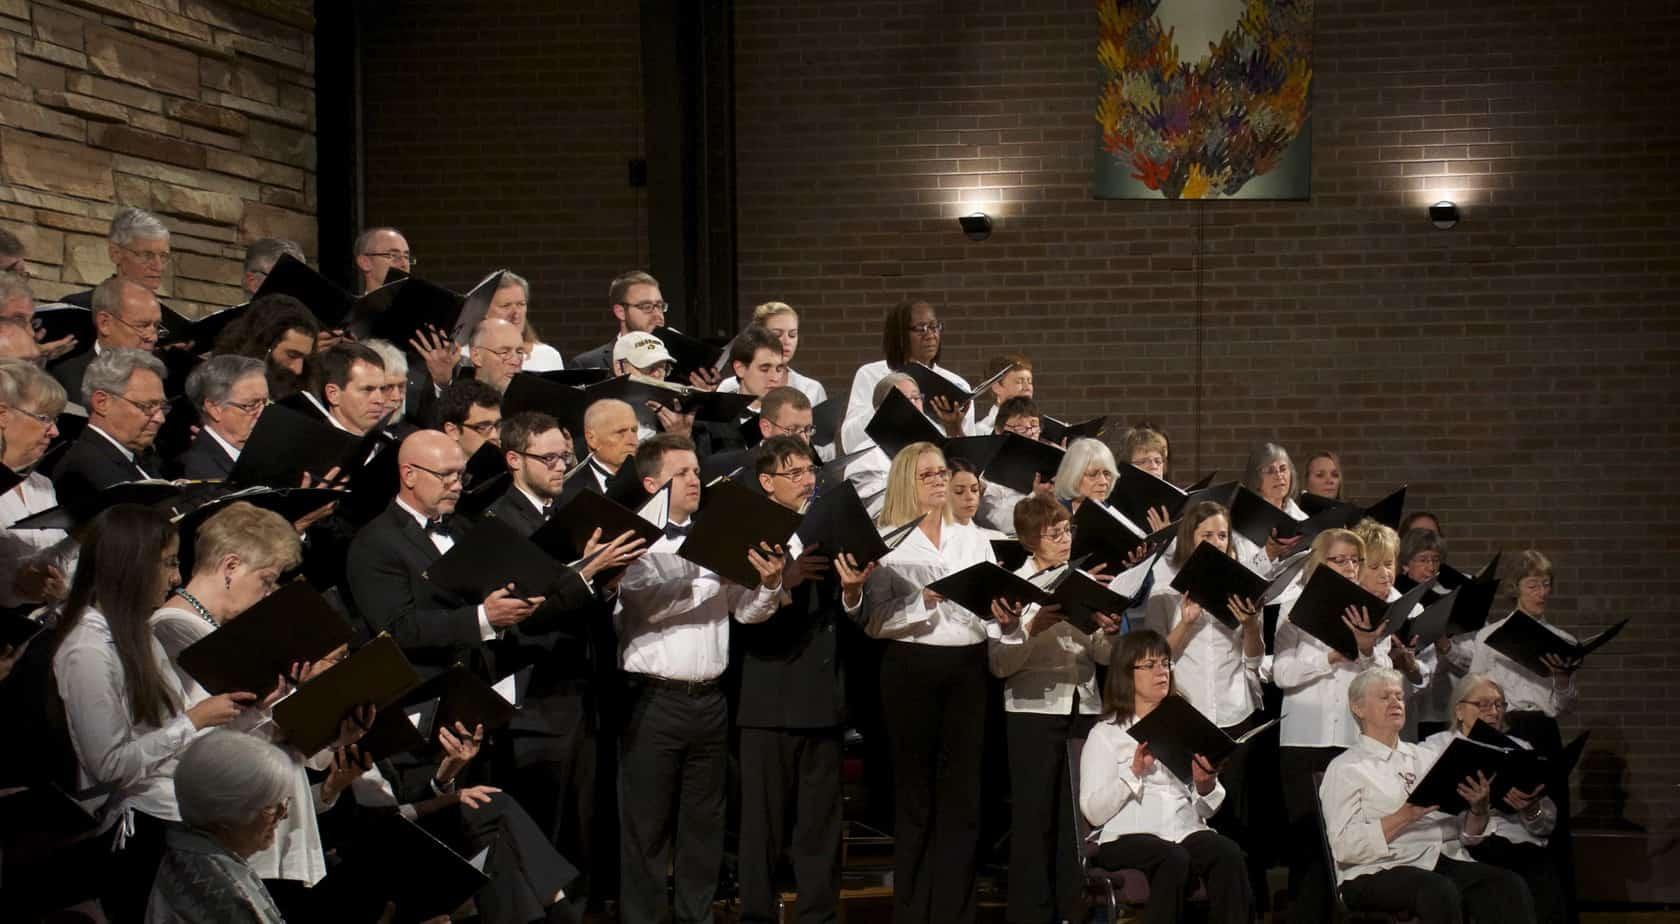 Choral singing